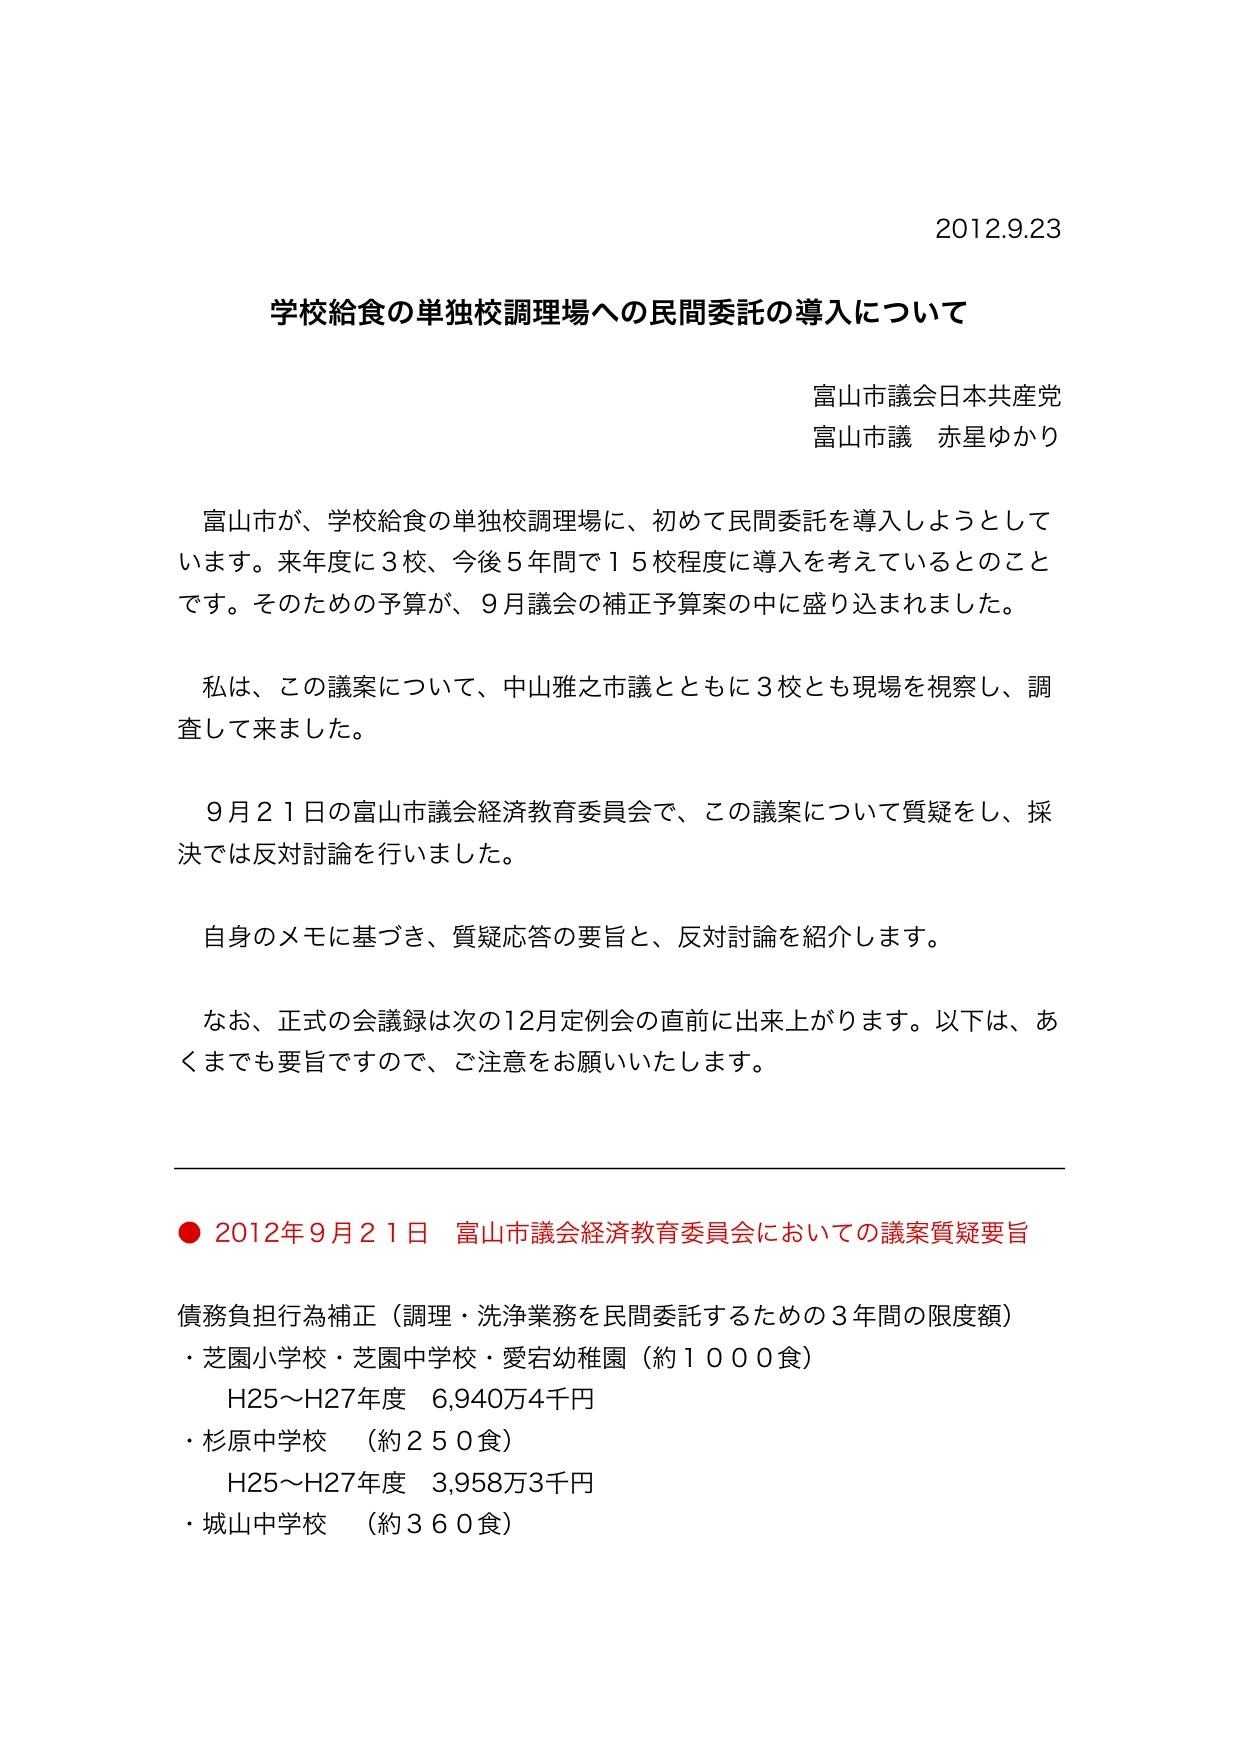 ①2012.9.20委員会質疑・討論メモ答弁入り